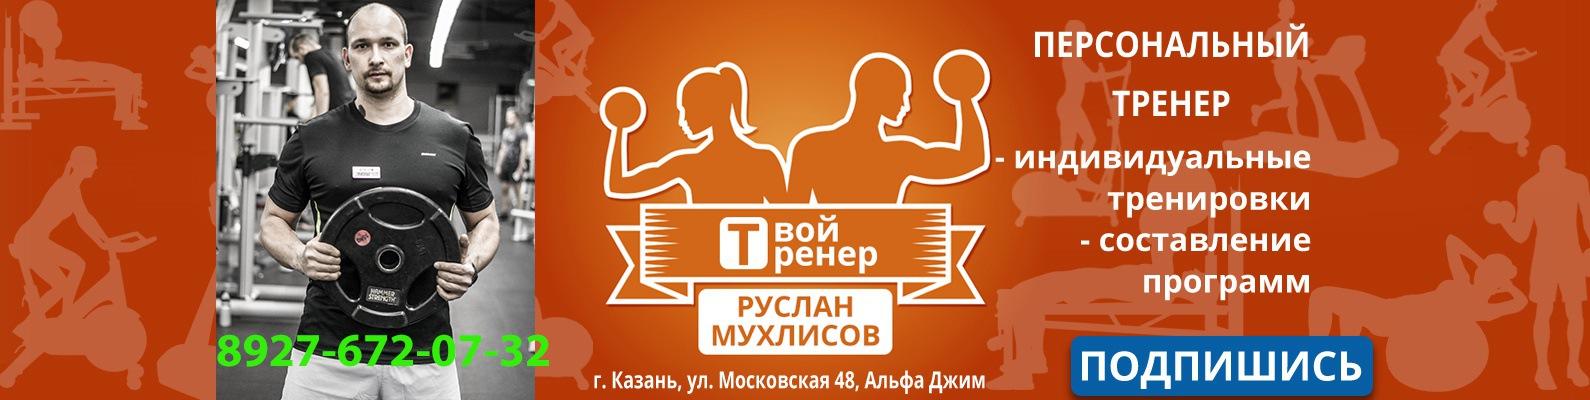 Как работник «макдоналдс» стал лучшим фитнес-блоггером россии